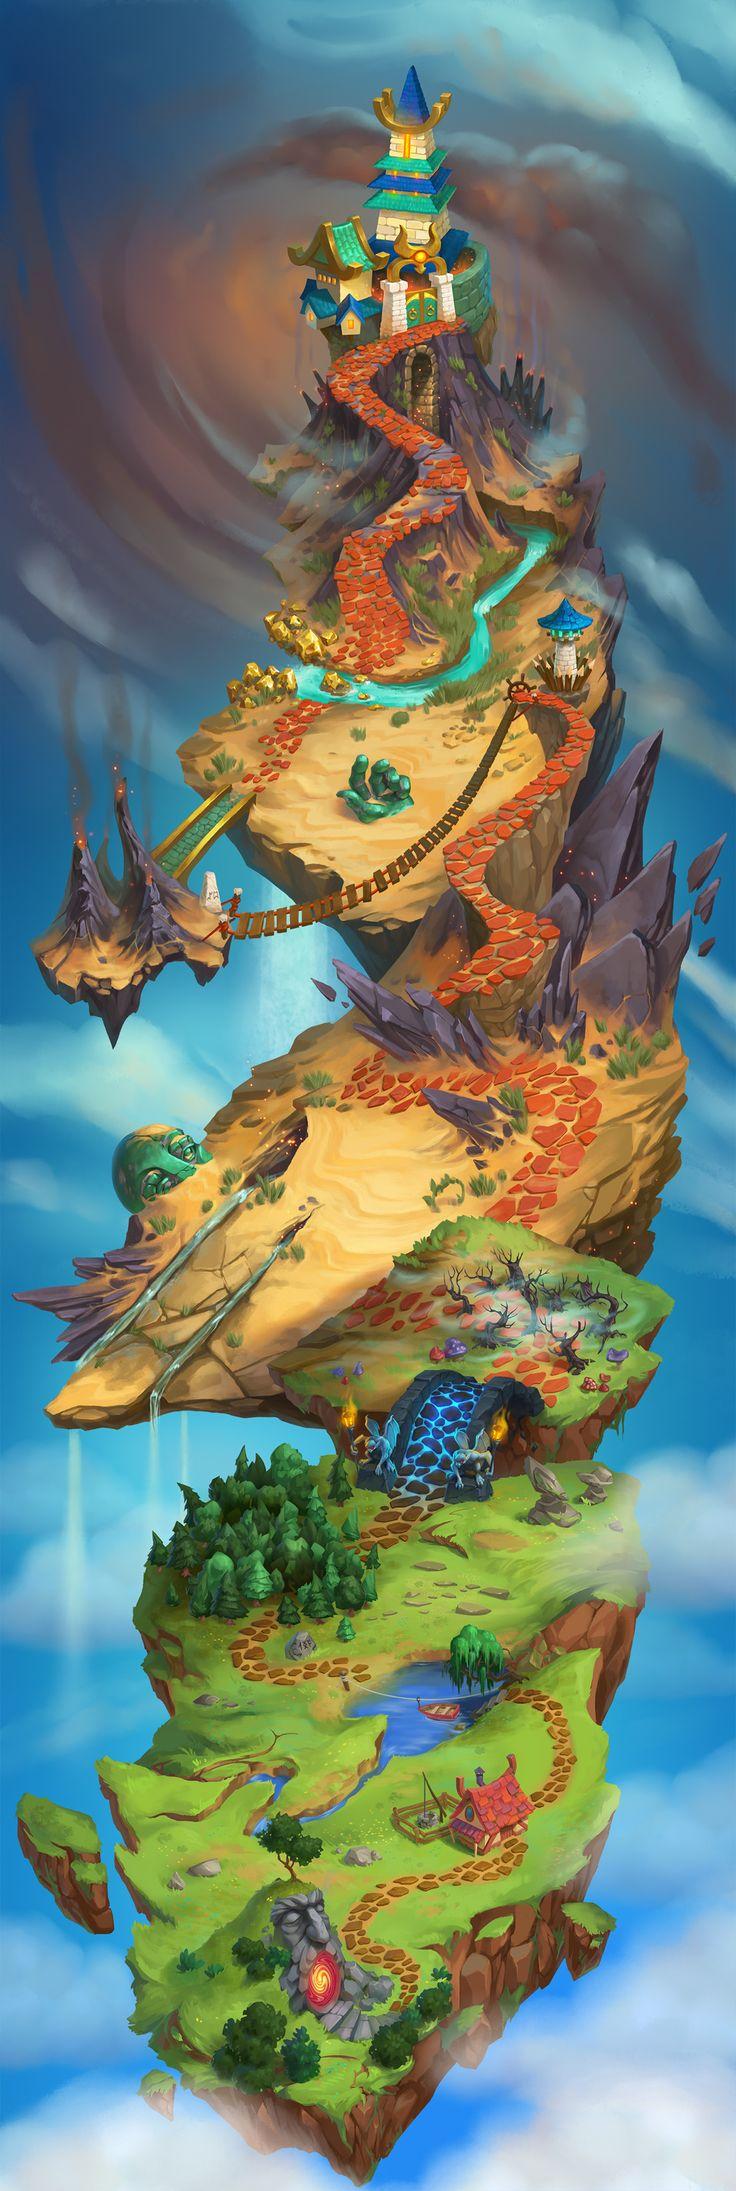 ArtStation - Floating islands map, Karine K